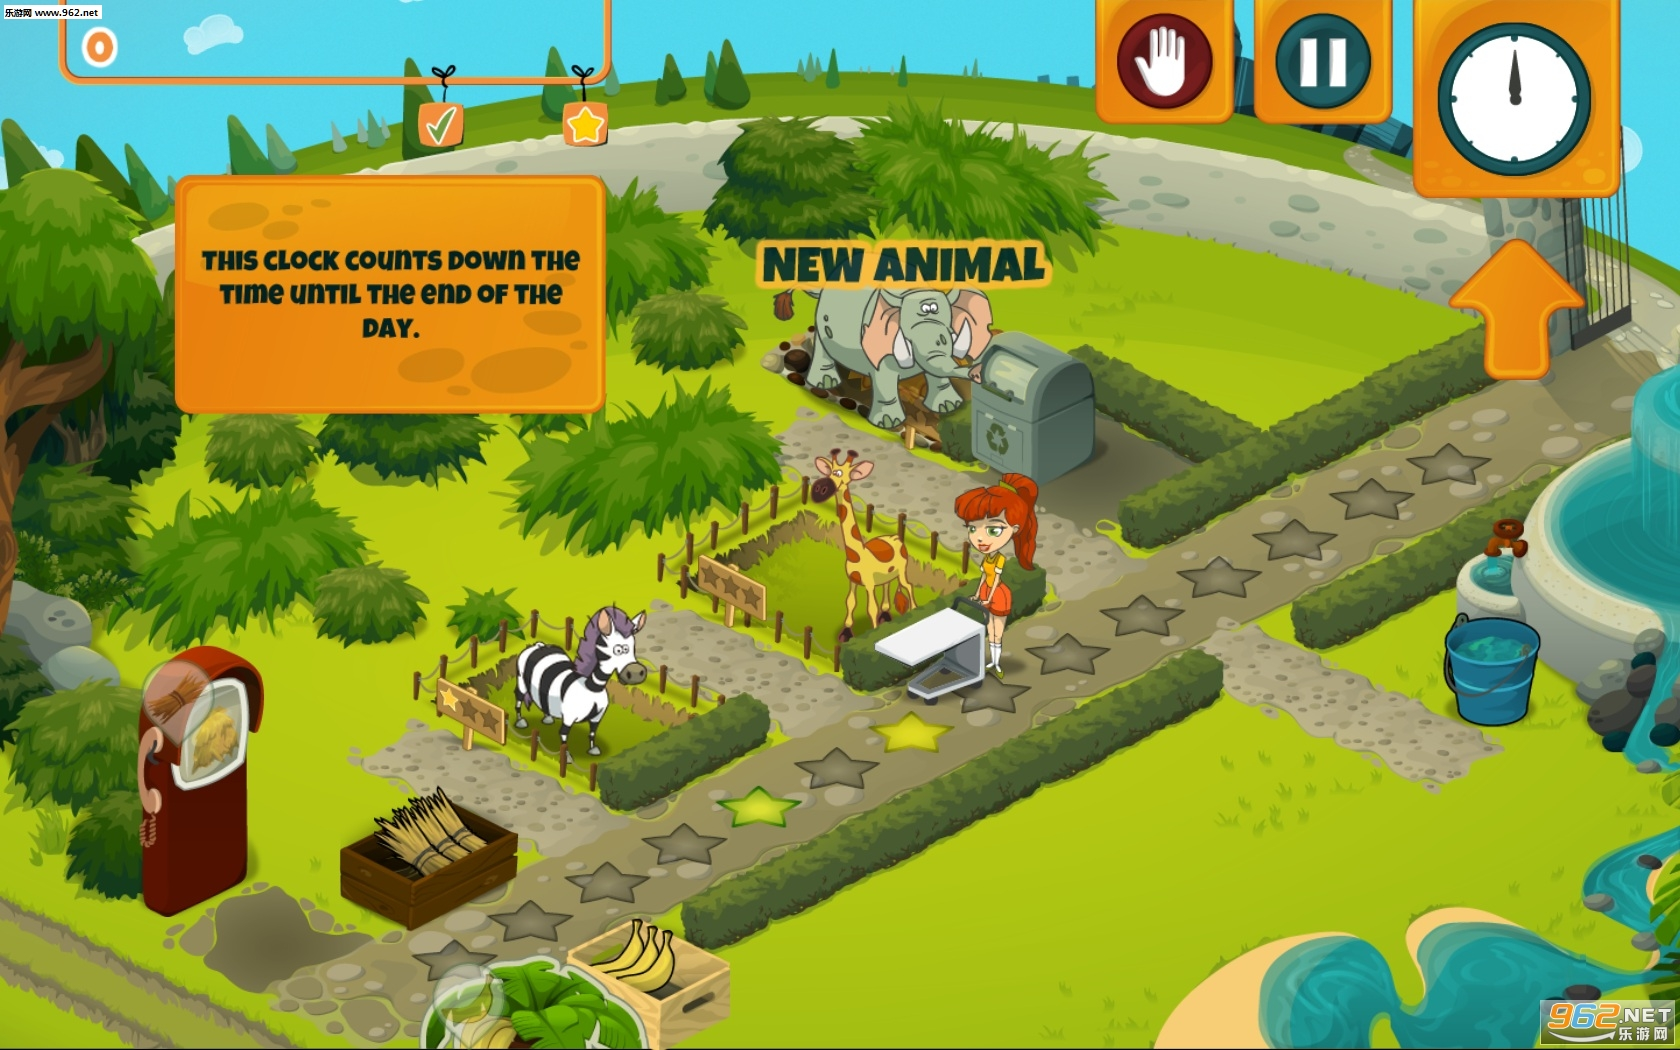 《神奇动物园(Incredible Zoo)》采用的是美漫式的游戏画风,整体色彩明亮,看起来十分舒适。玩法上和其他时间管理游戏类似,在游戏中,你将扮演一个动物饲养员的角色,你需要根据每只动物的需求来给予它们不同的食物,满足其要求,越快的回应它们获得的评分就越高。值得注意的是别养太多动物,否则你的食物是跟不上的,总体来说还算是一款比较休闲的模拟经营游戏。